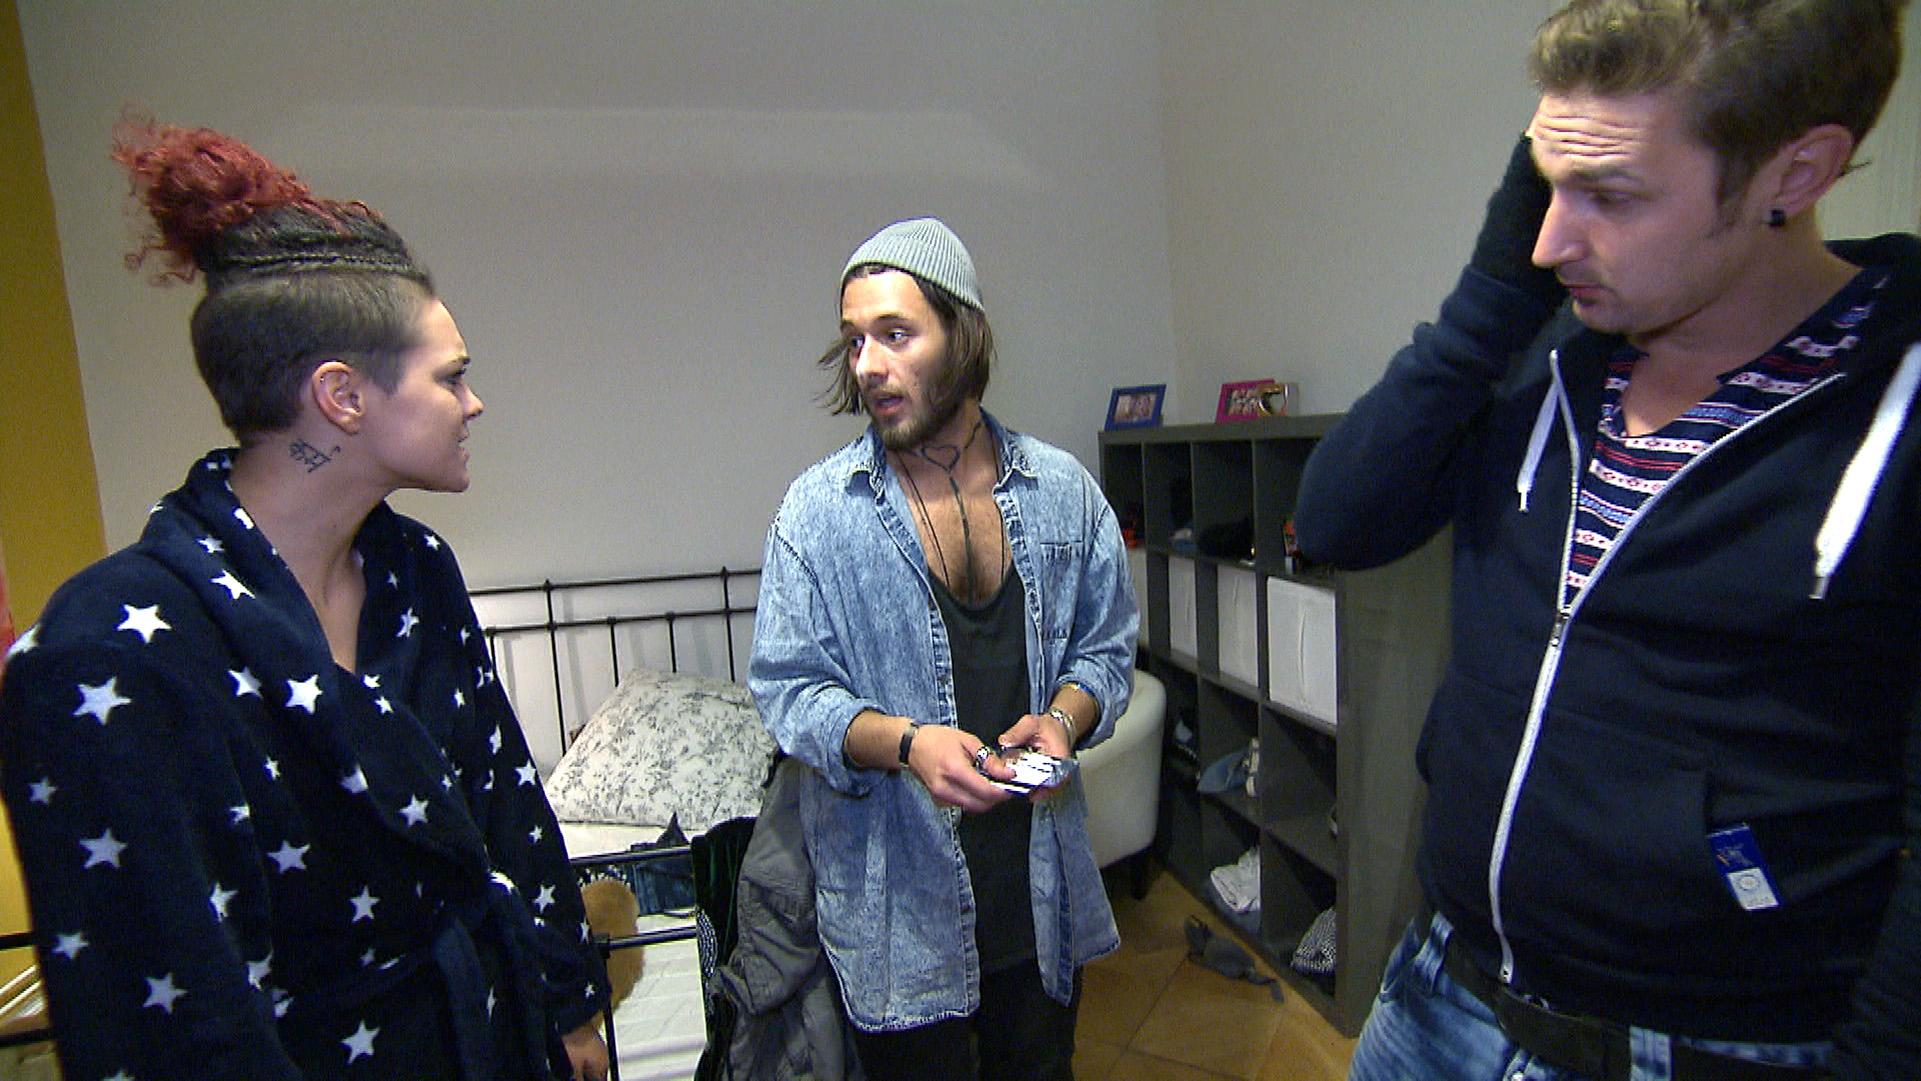 Leon (re.) ist von Mark (Mitte) genervt, der ständig auf Drogen ist und in der WG feiert... (Foto, li.: Jessica) (Quelle: RTL 2)